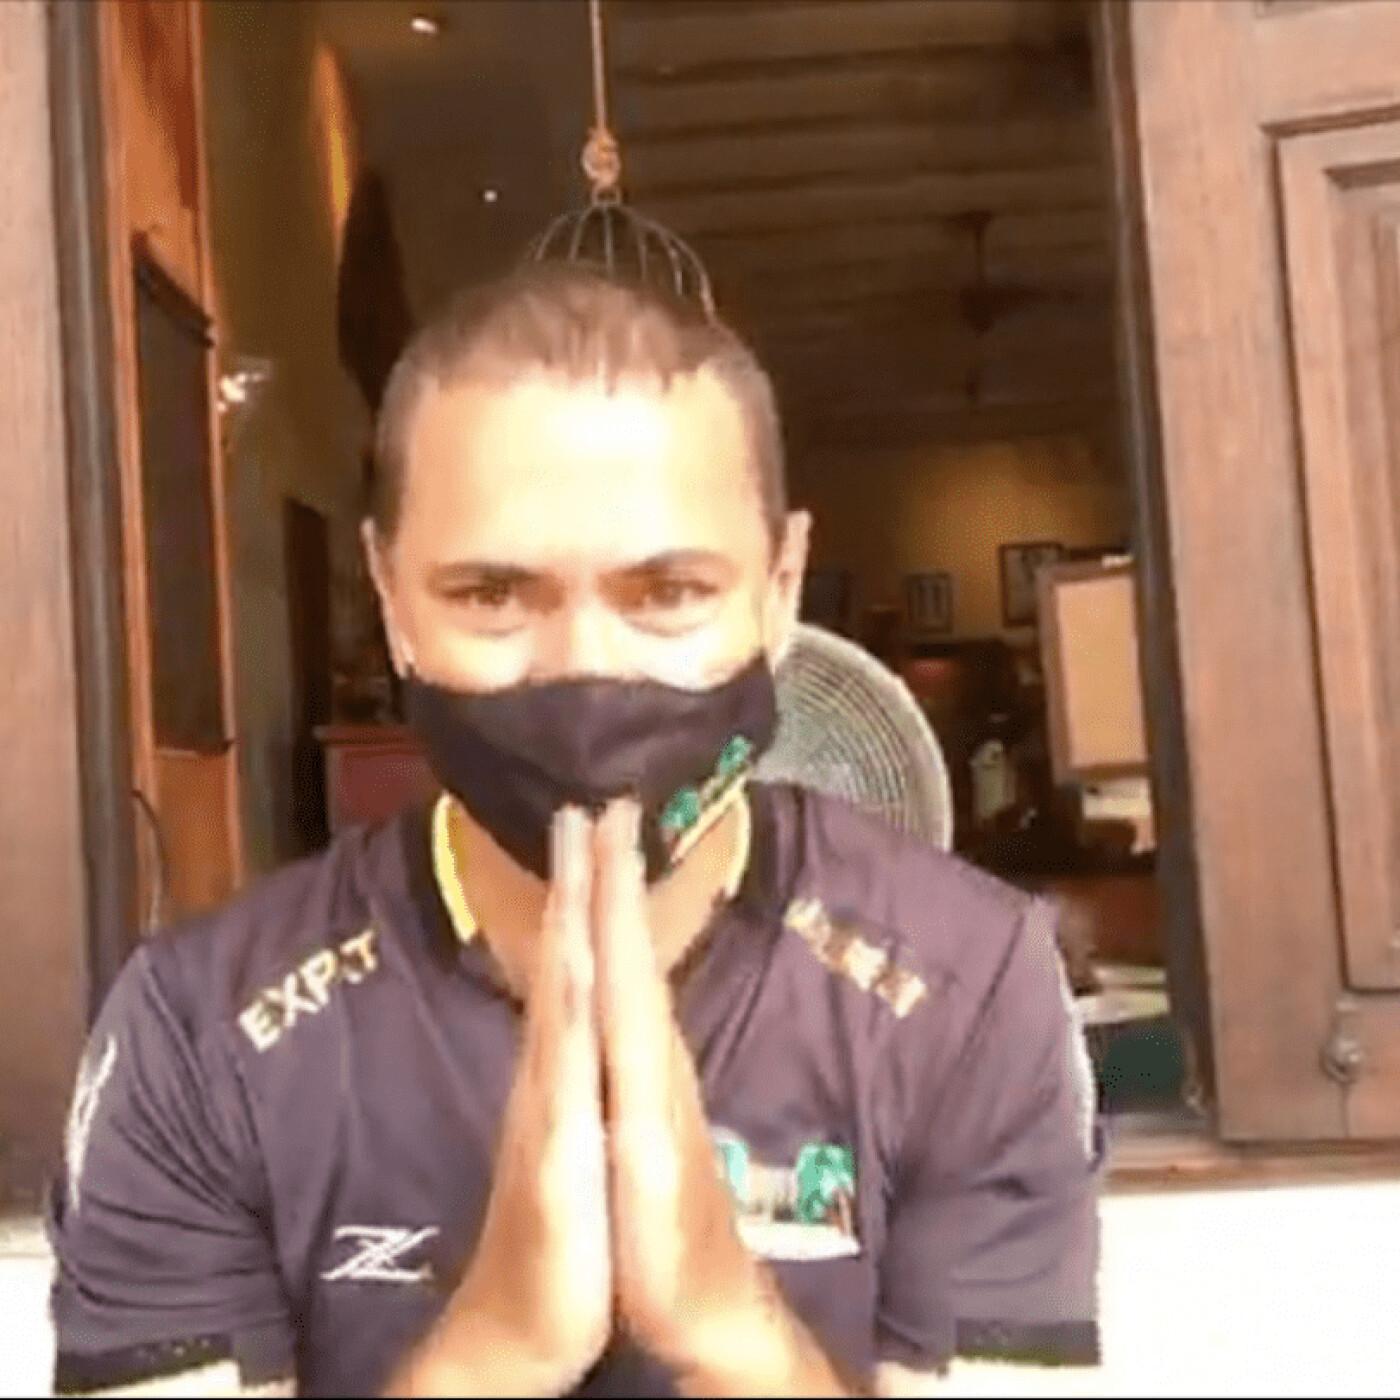 Romain en Thaïlande parle de sa chaine Twitch Expat Malgré lui - 01 10 2021 - StereoChic Radio